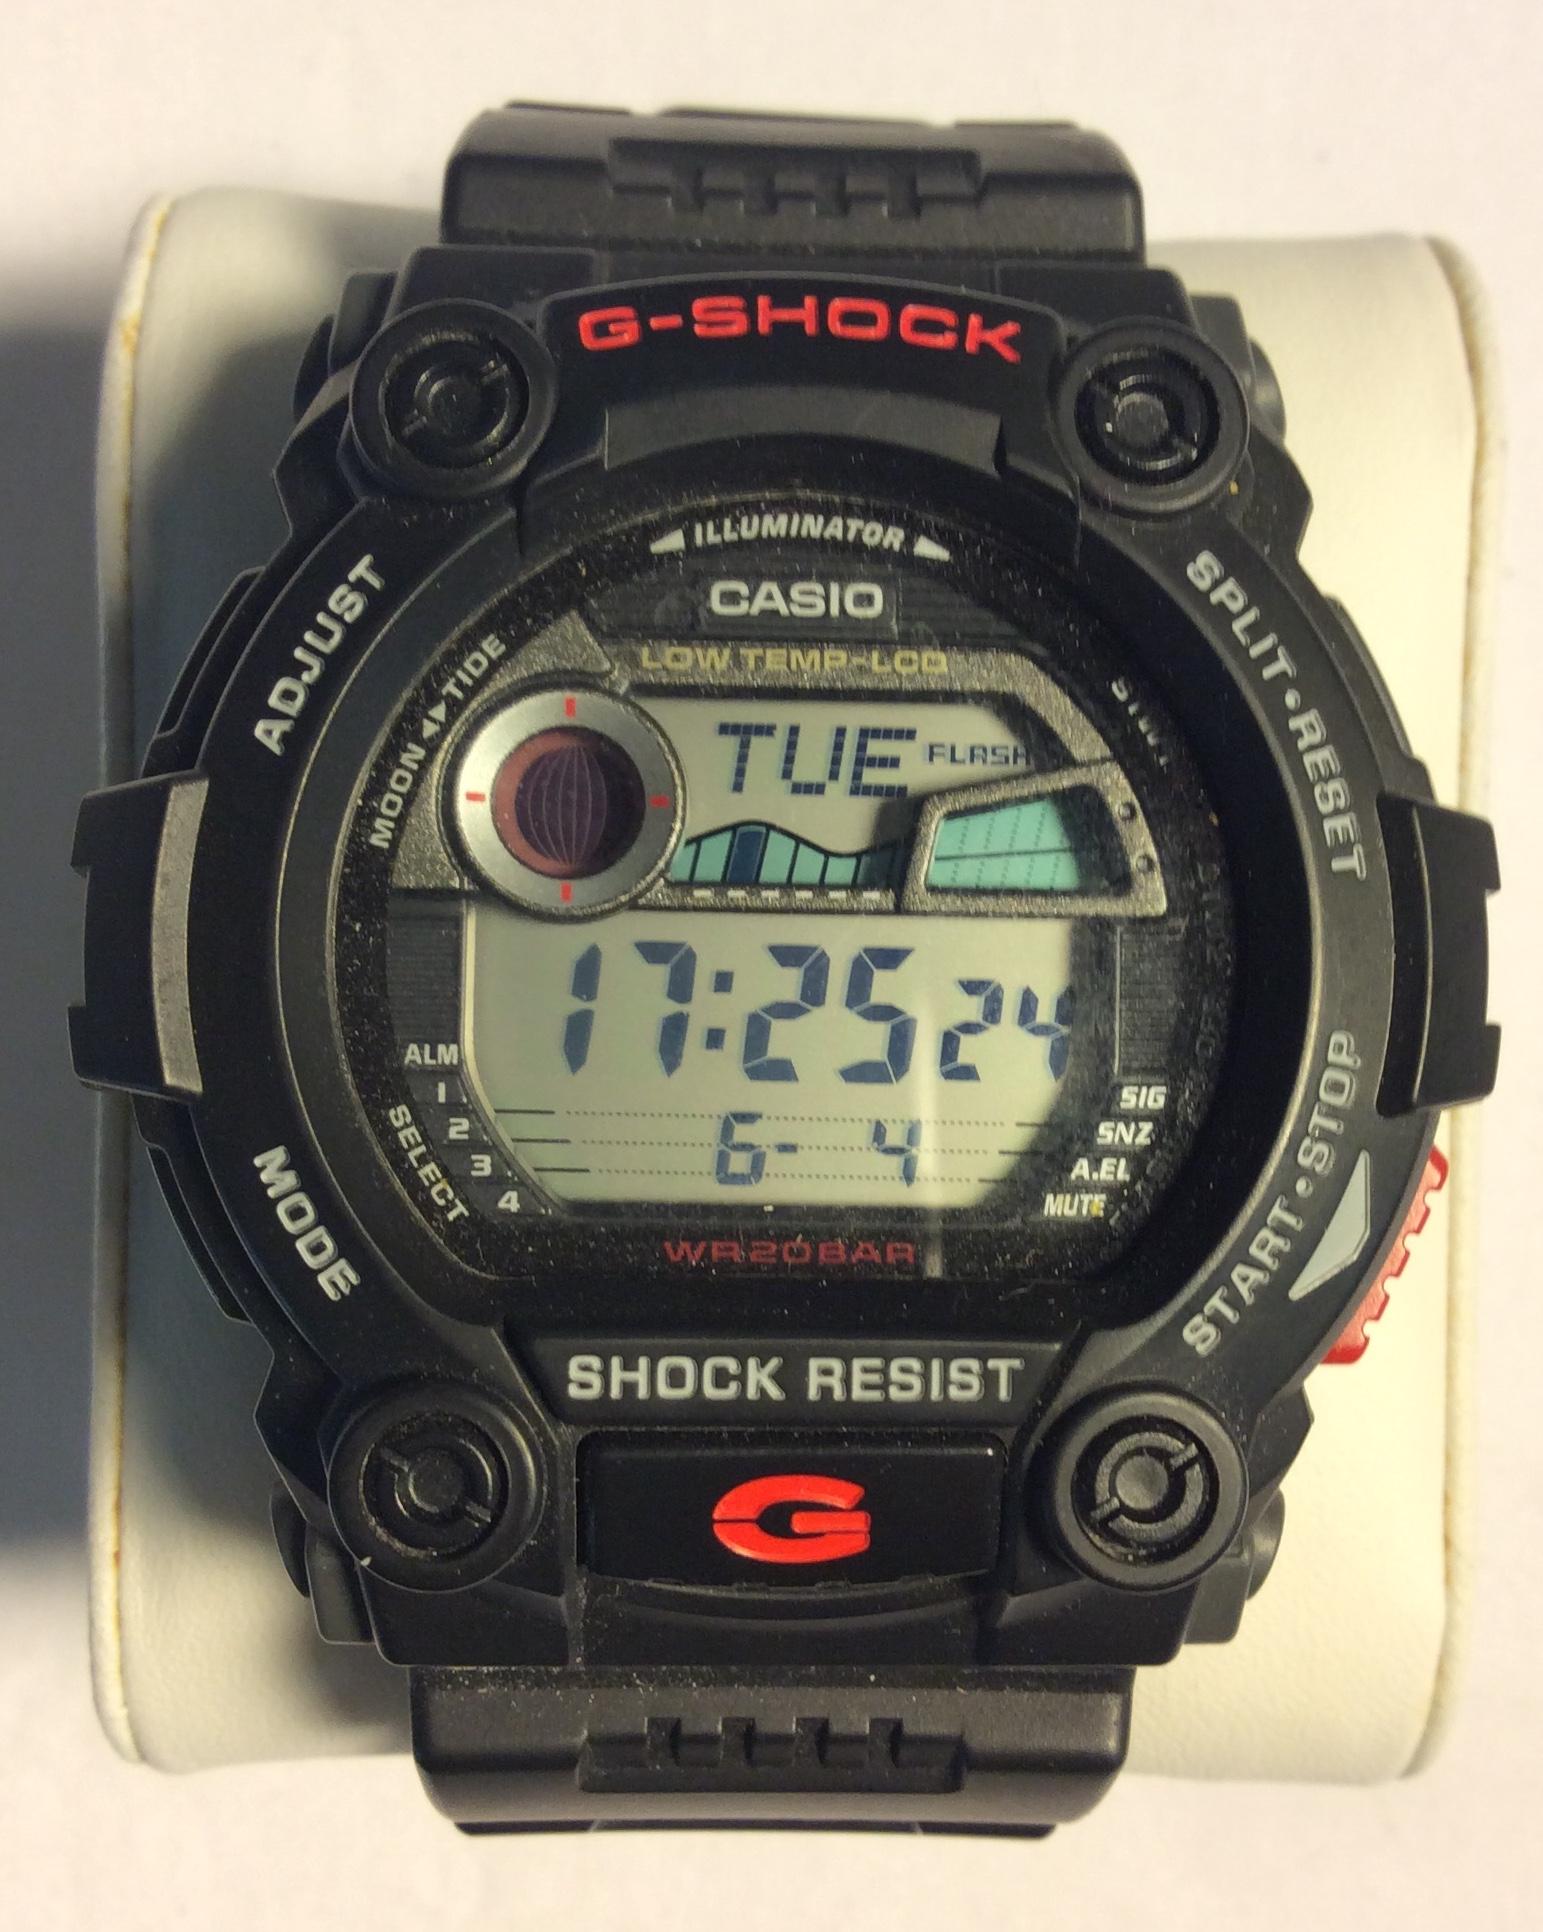 Casio G-Shock watch - round digital